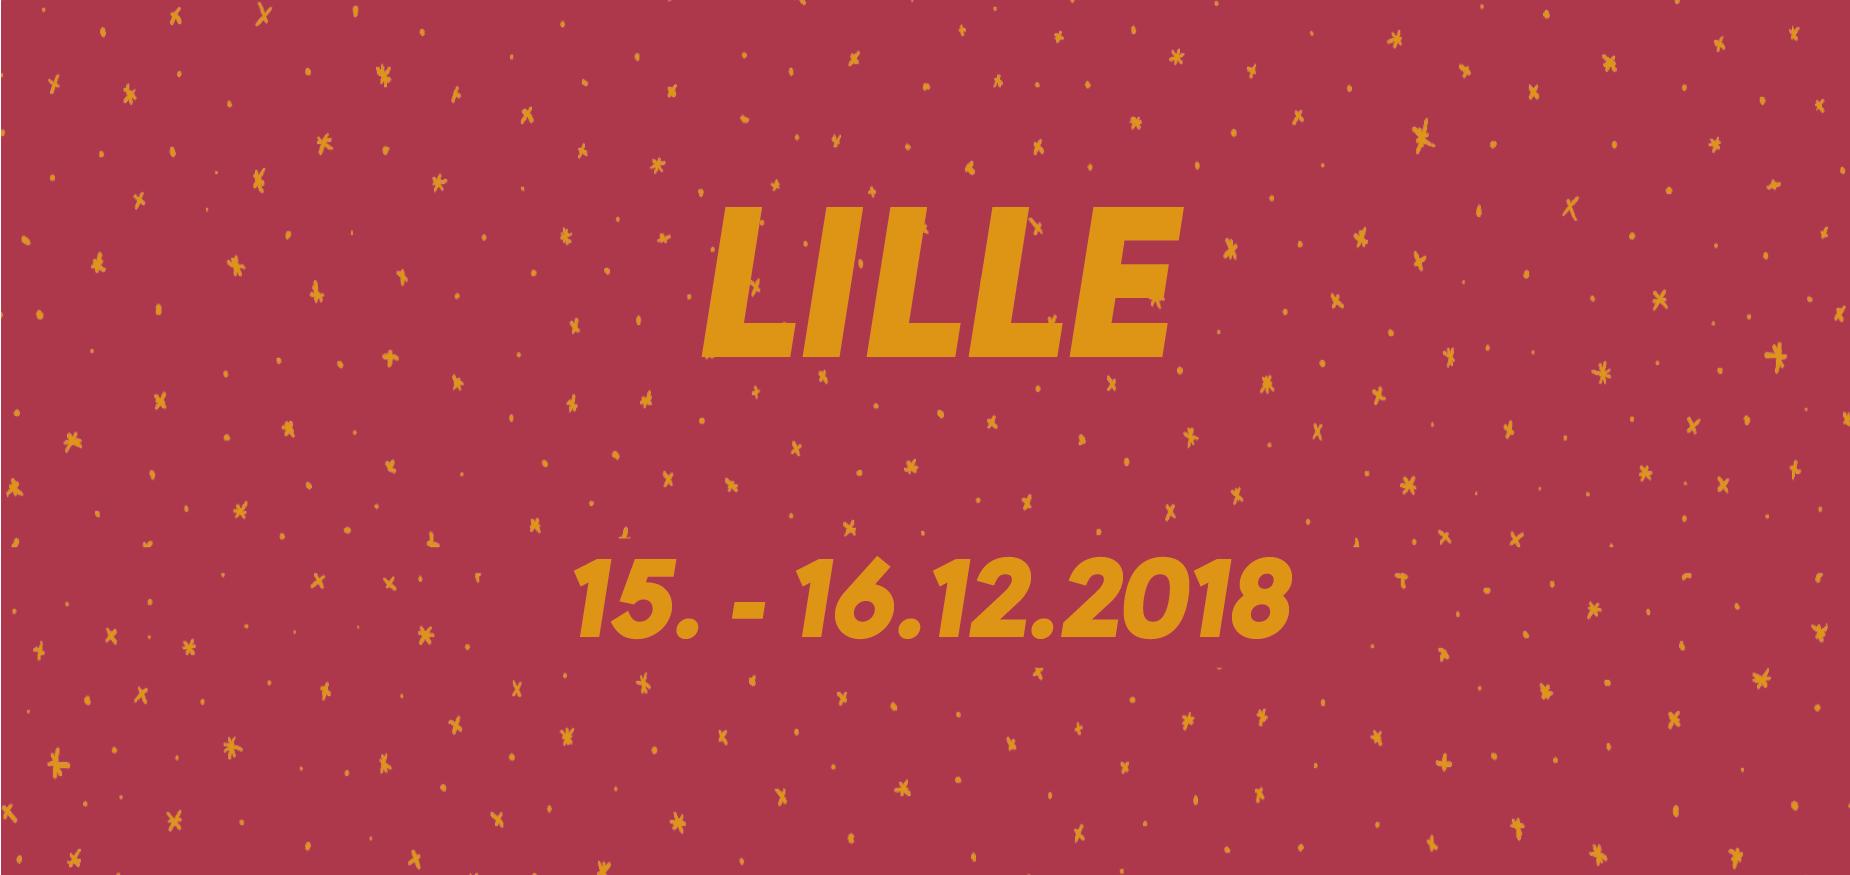 VeggieWorld Lille 2018